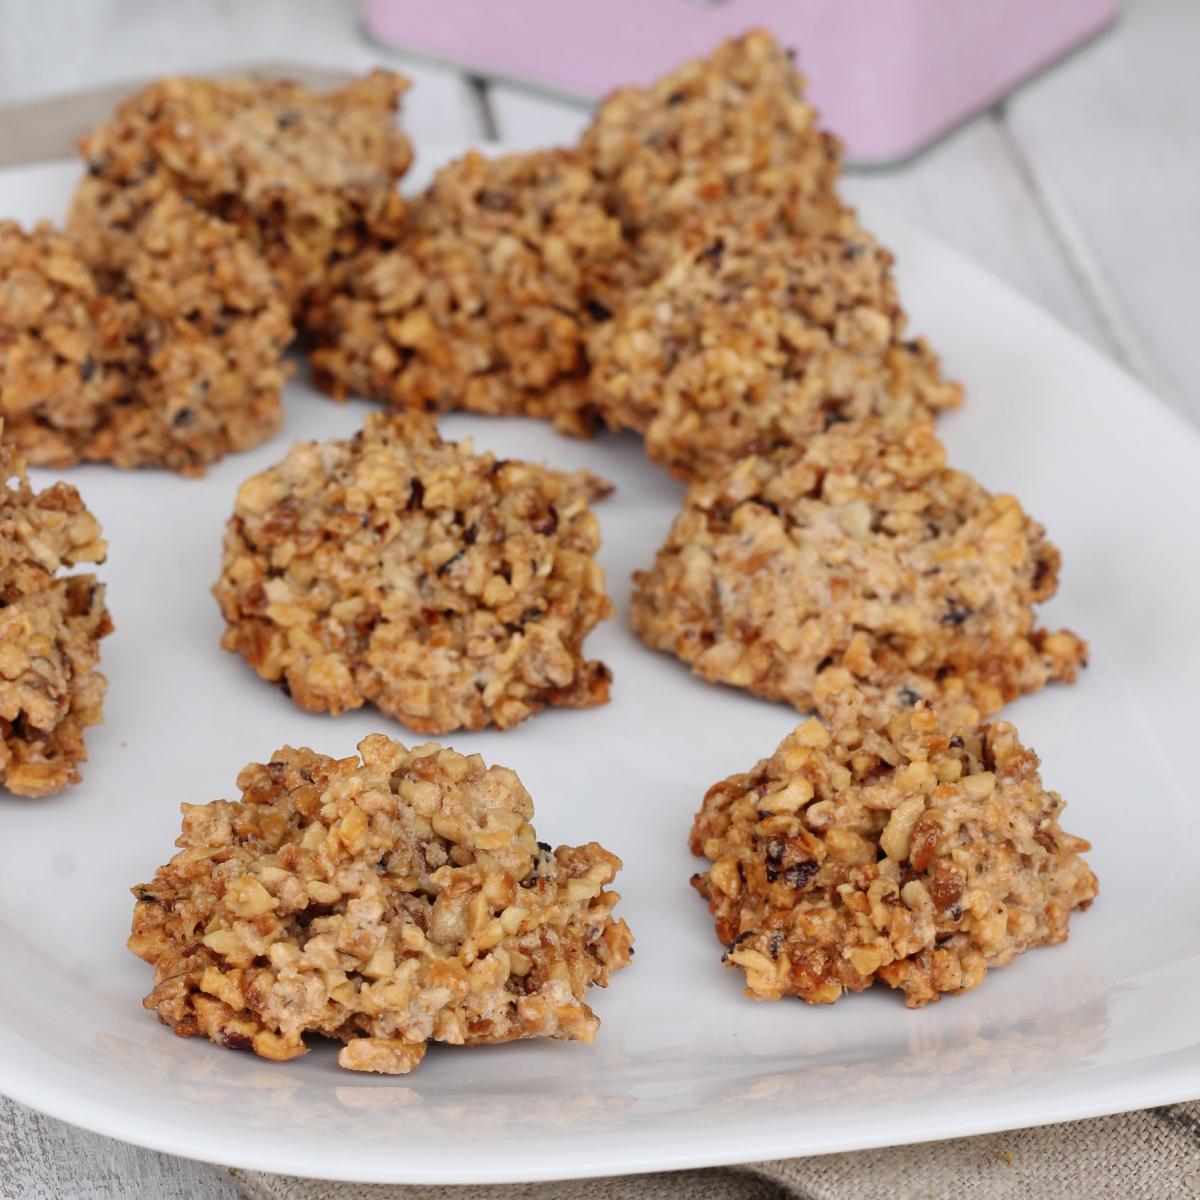 BISCOTTI 3 INGREDIENTI alle nocciole | biscotti con nocciole tritate